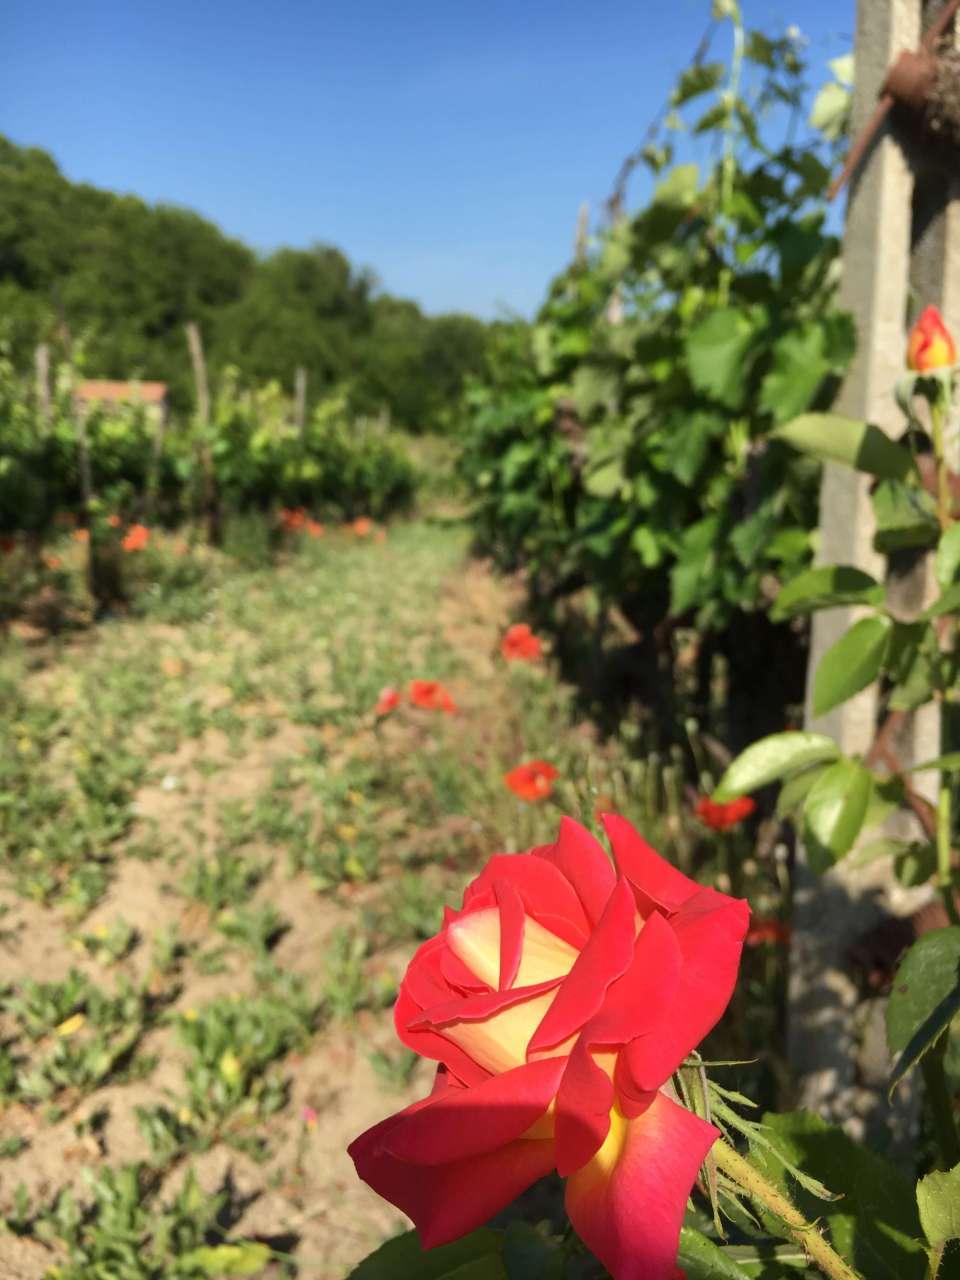 Har du lurt på hvorfor det er roser på vingården? De er nyttige for druer og vin. Klikk deg inn for å lese hvorfor de hjelper til å lage god vin.